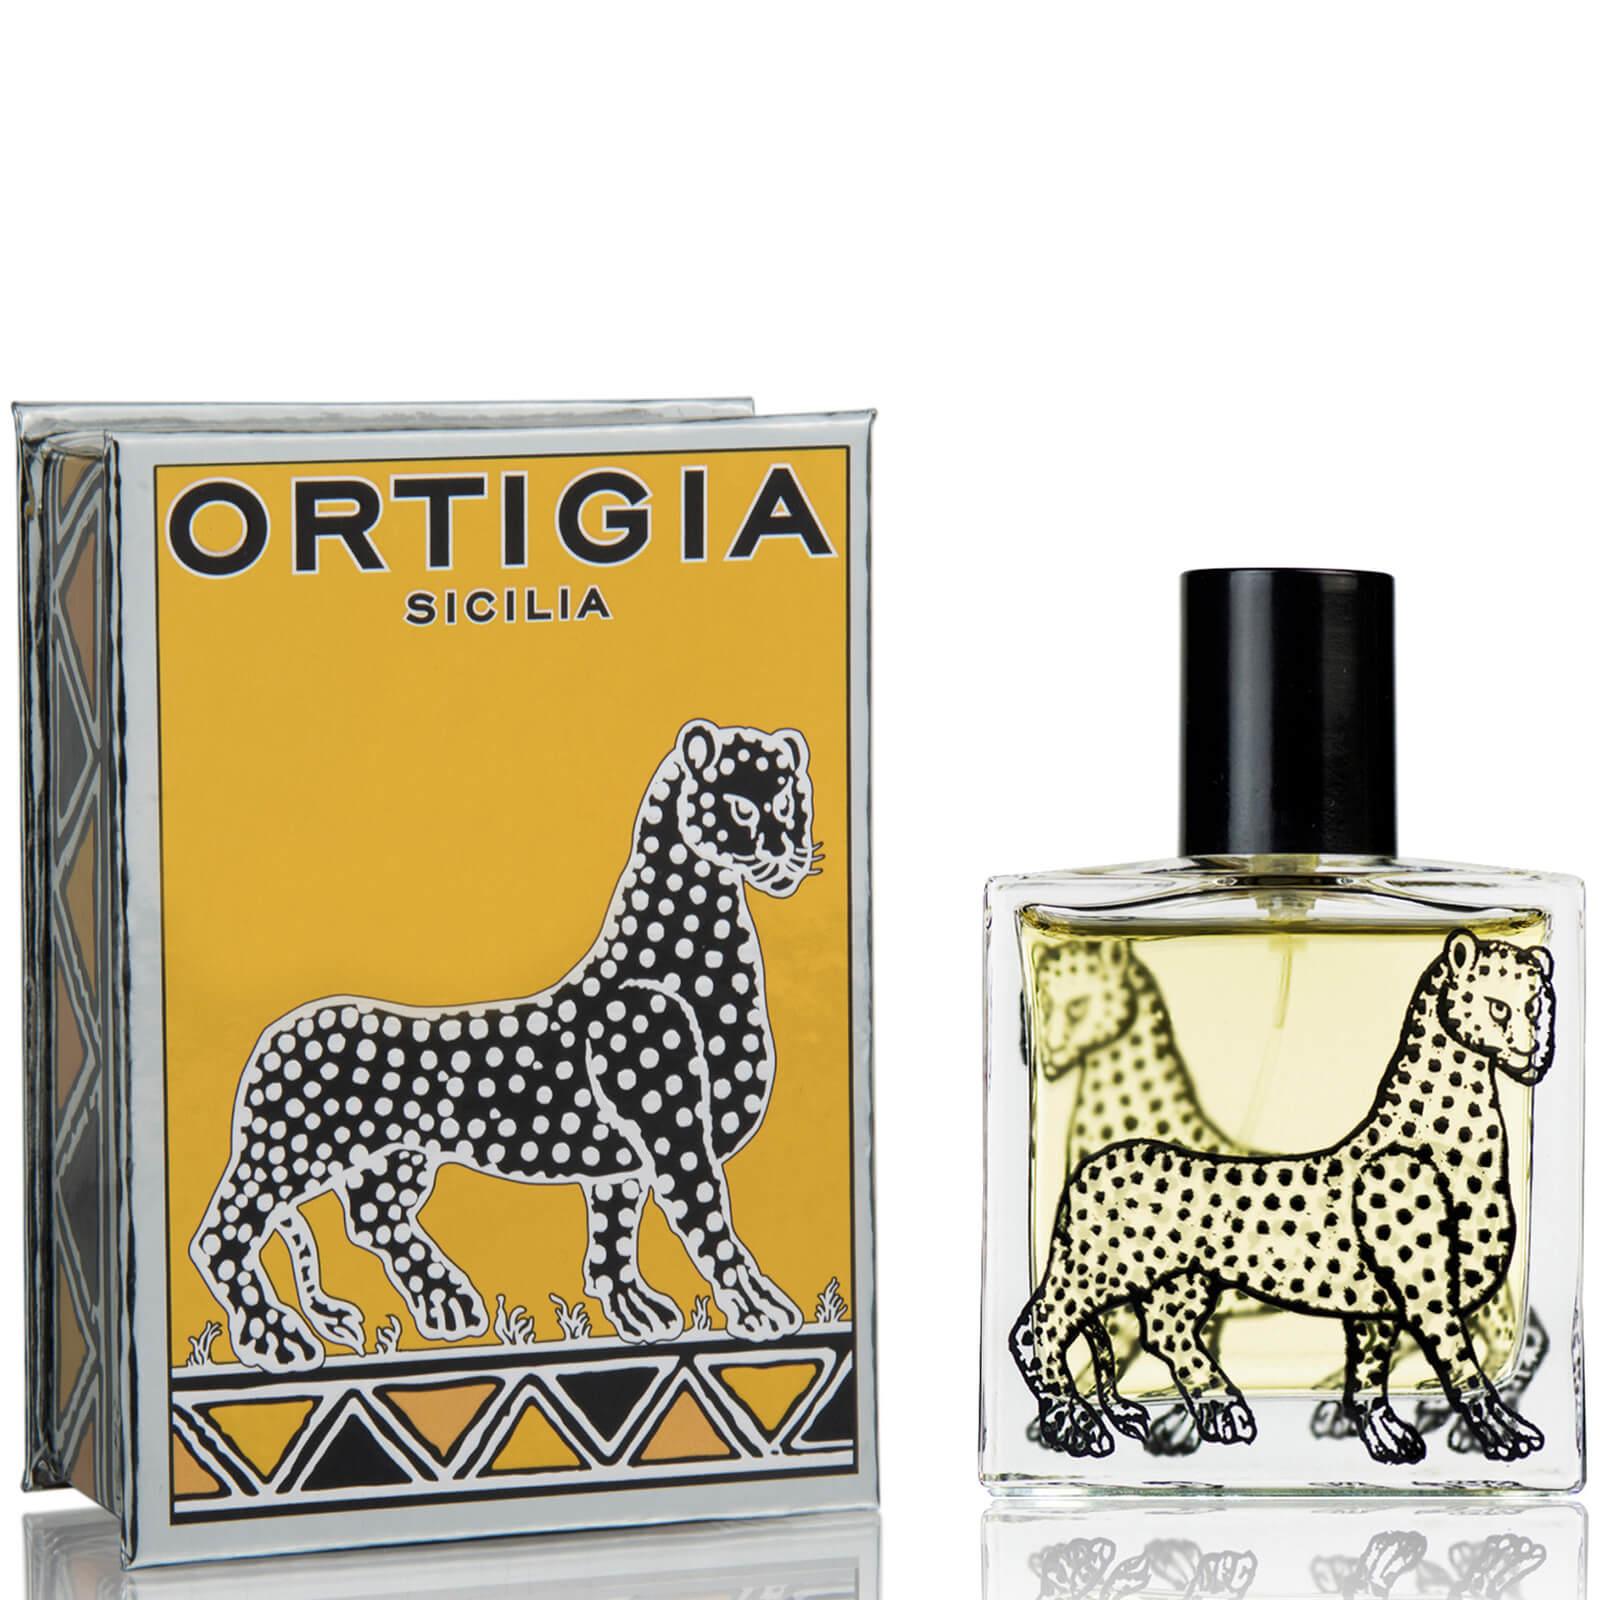 Ortigia Eau de Parfum Zagara Orange Blossomd'Ortigia30ml